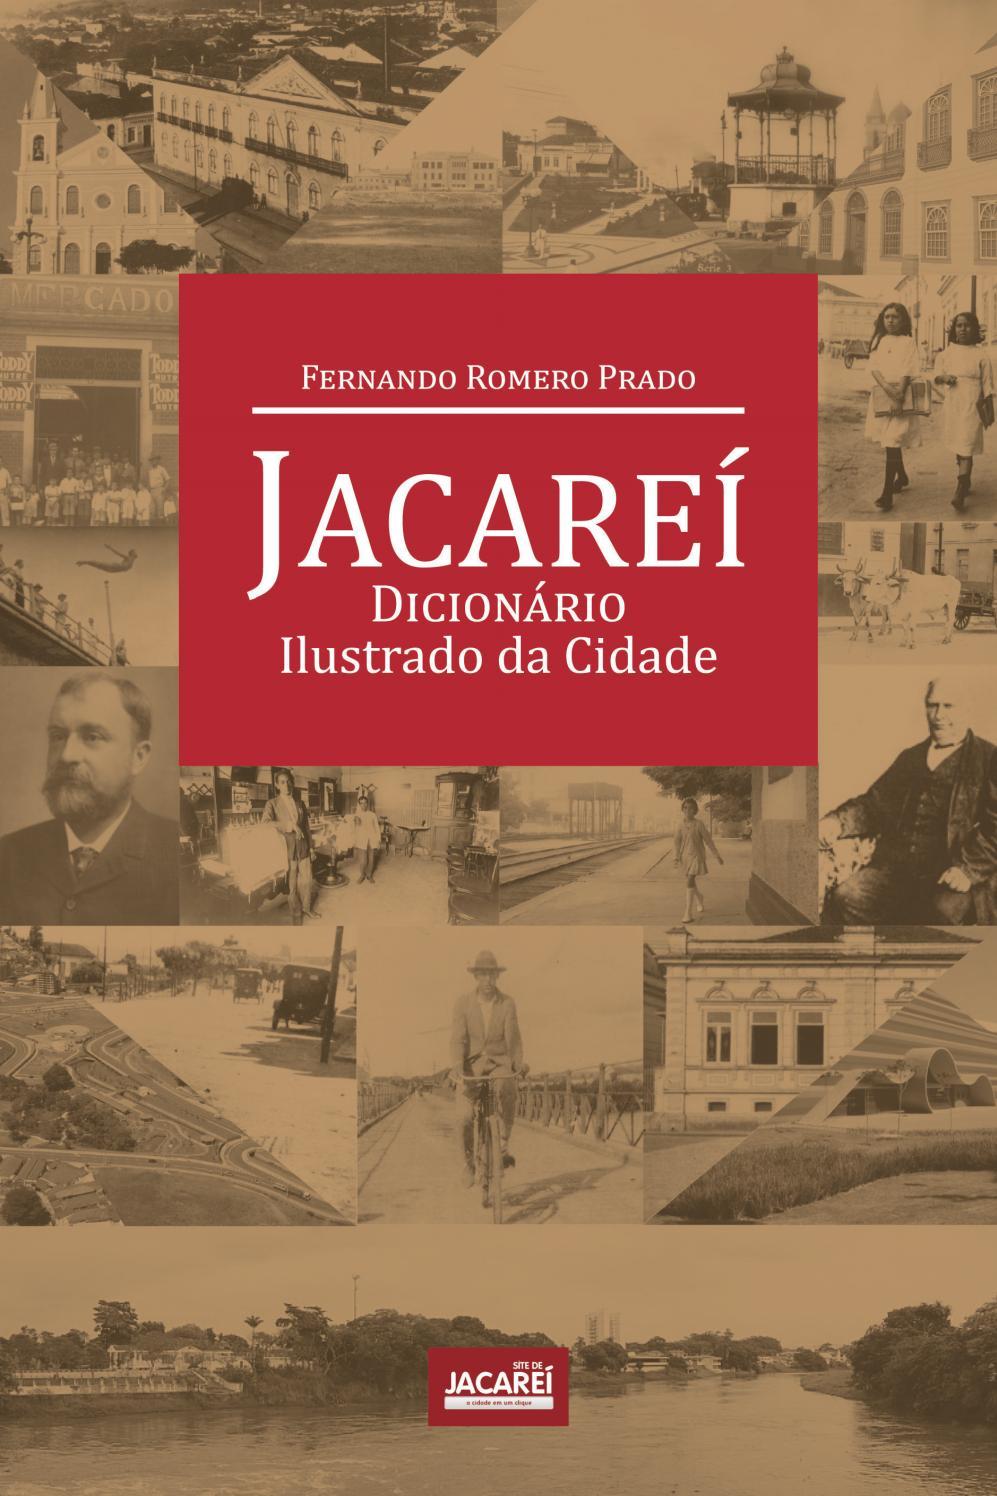 Jacareí - Dicionário Ilustrado da Cidade by fbsobralsitedejacarei - issuu 30e4400774f